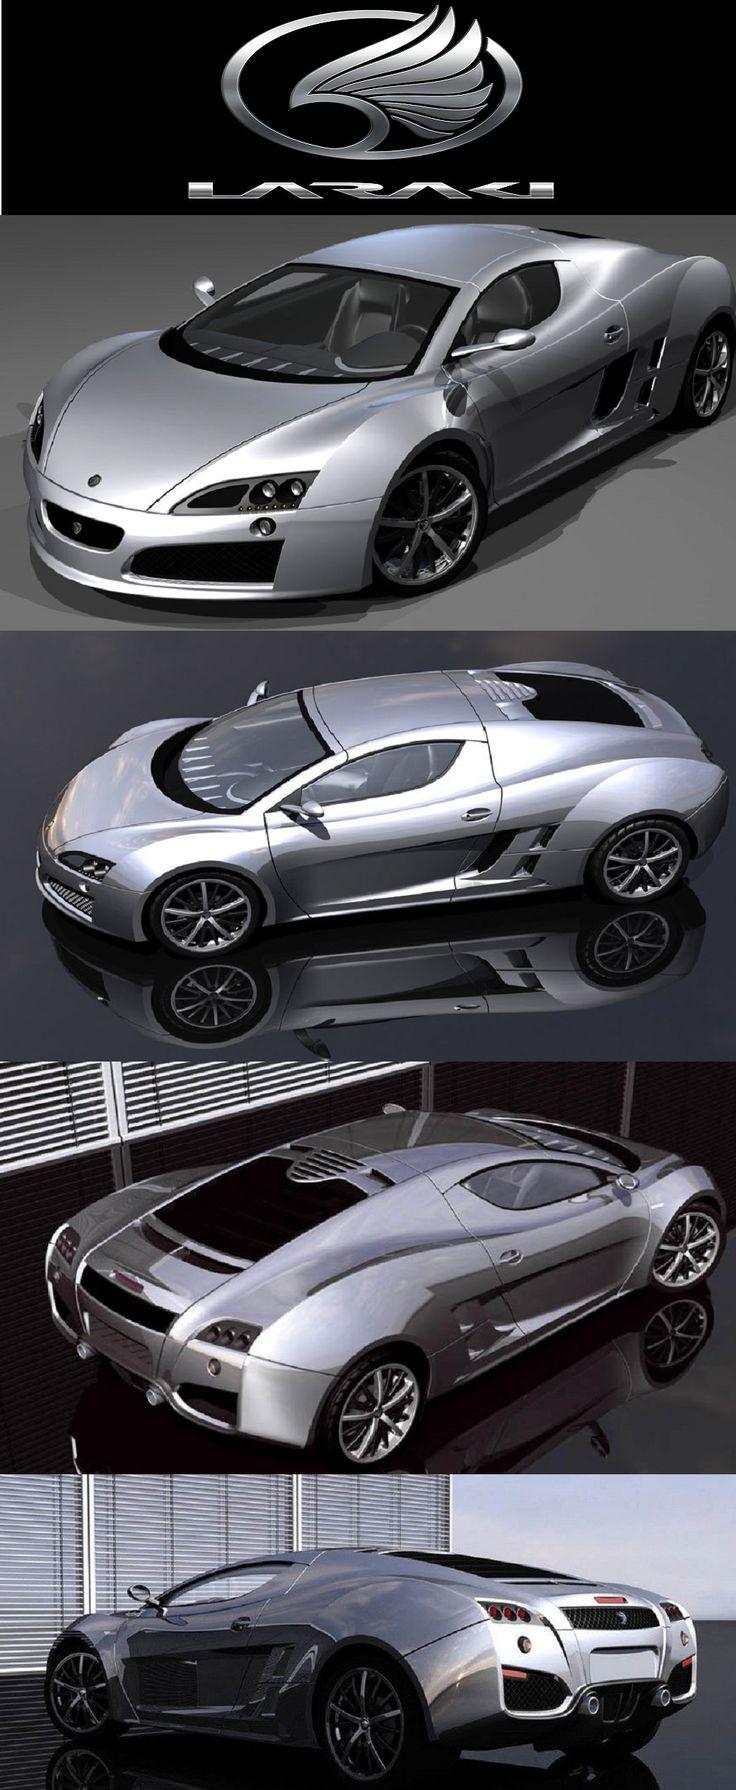 Laraki fulgura concept concept carssupercars